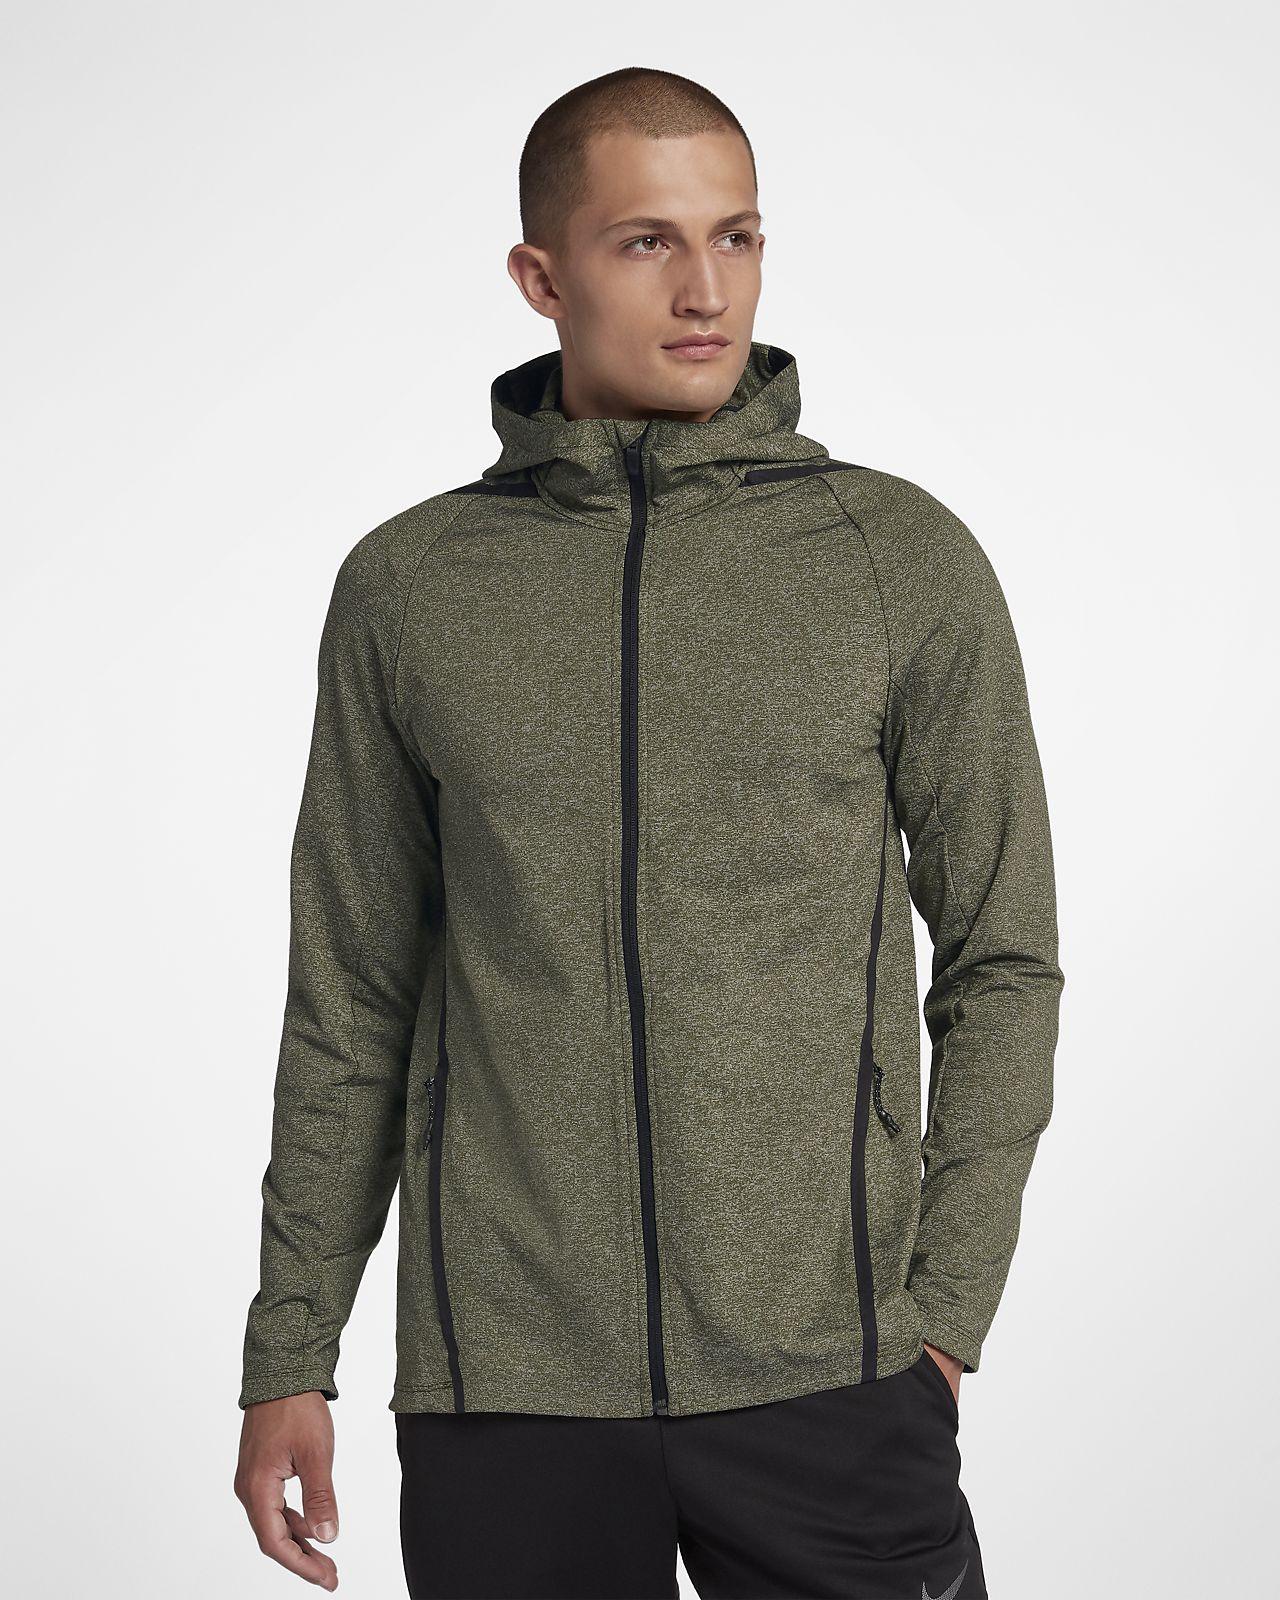 Sweat à capuche de training à manches longues entièrement zippé Nike Dri-FIT pour Homme